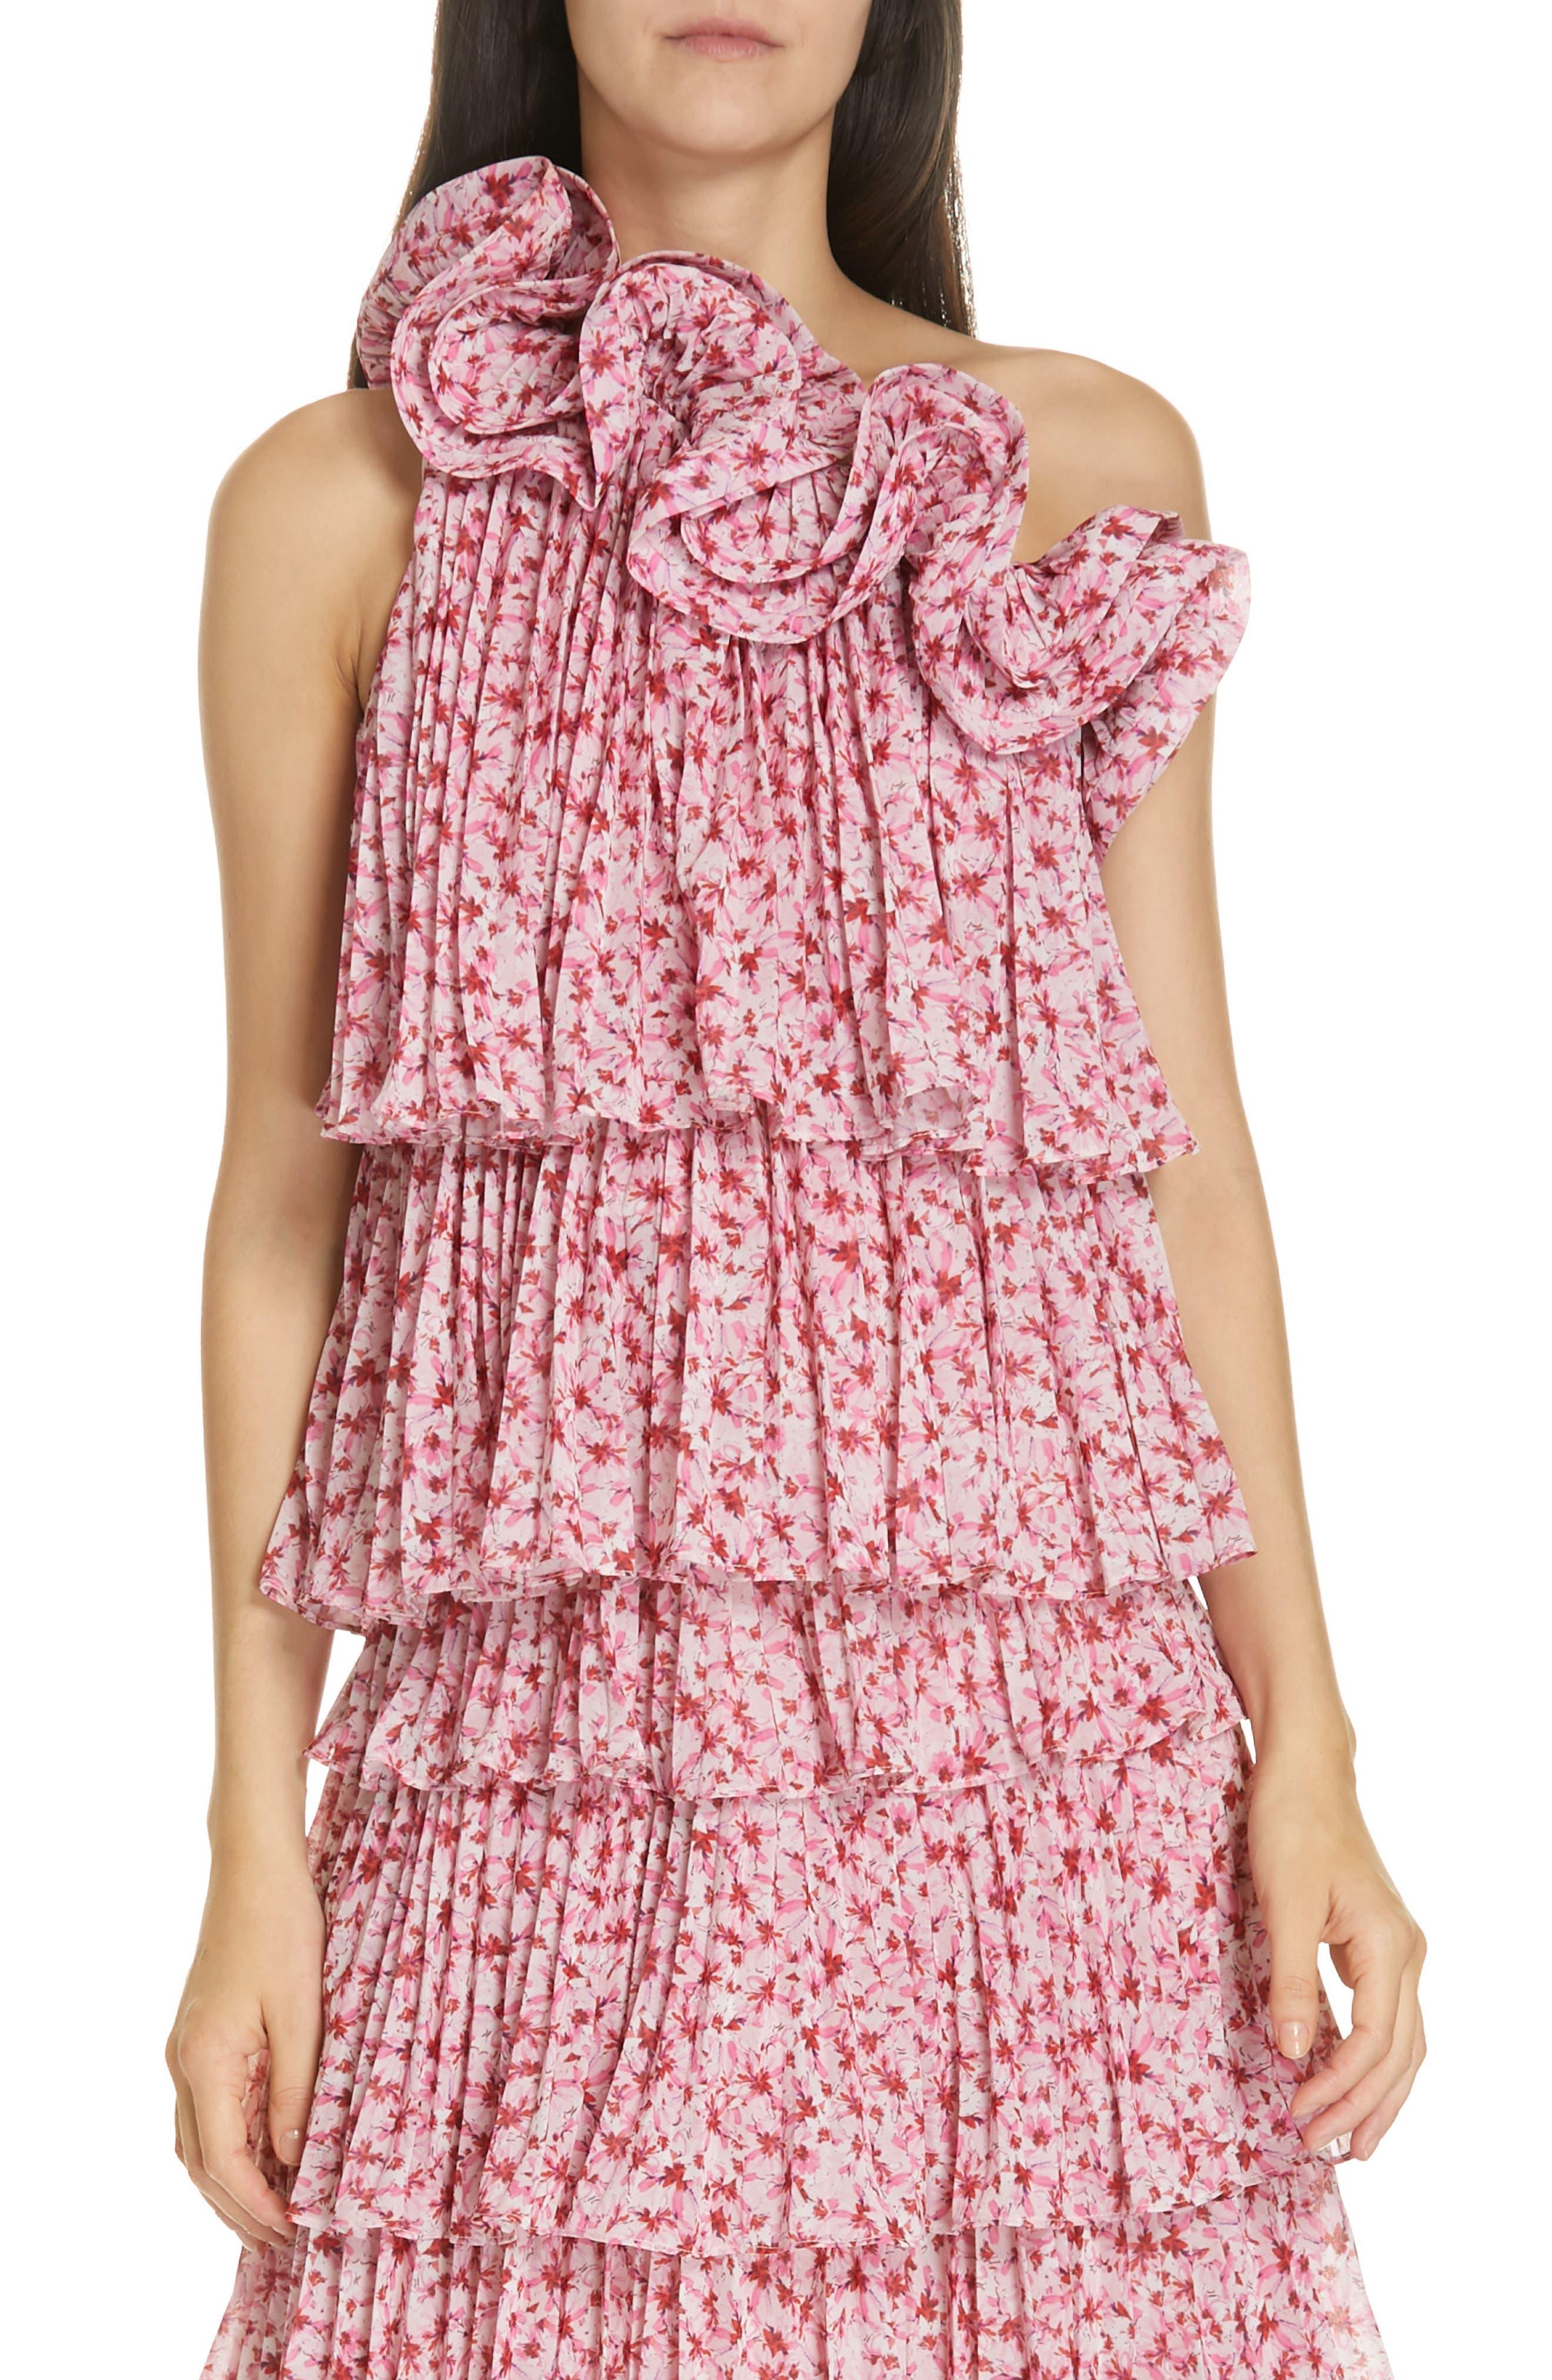 AMUR Portia Floral Print One-Shoulder Top, Main, color, PINK